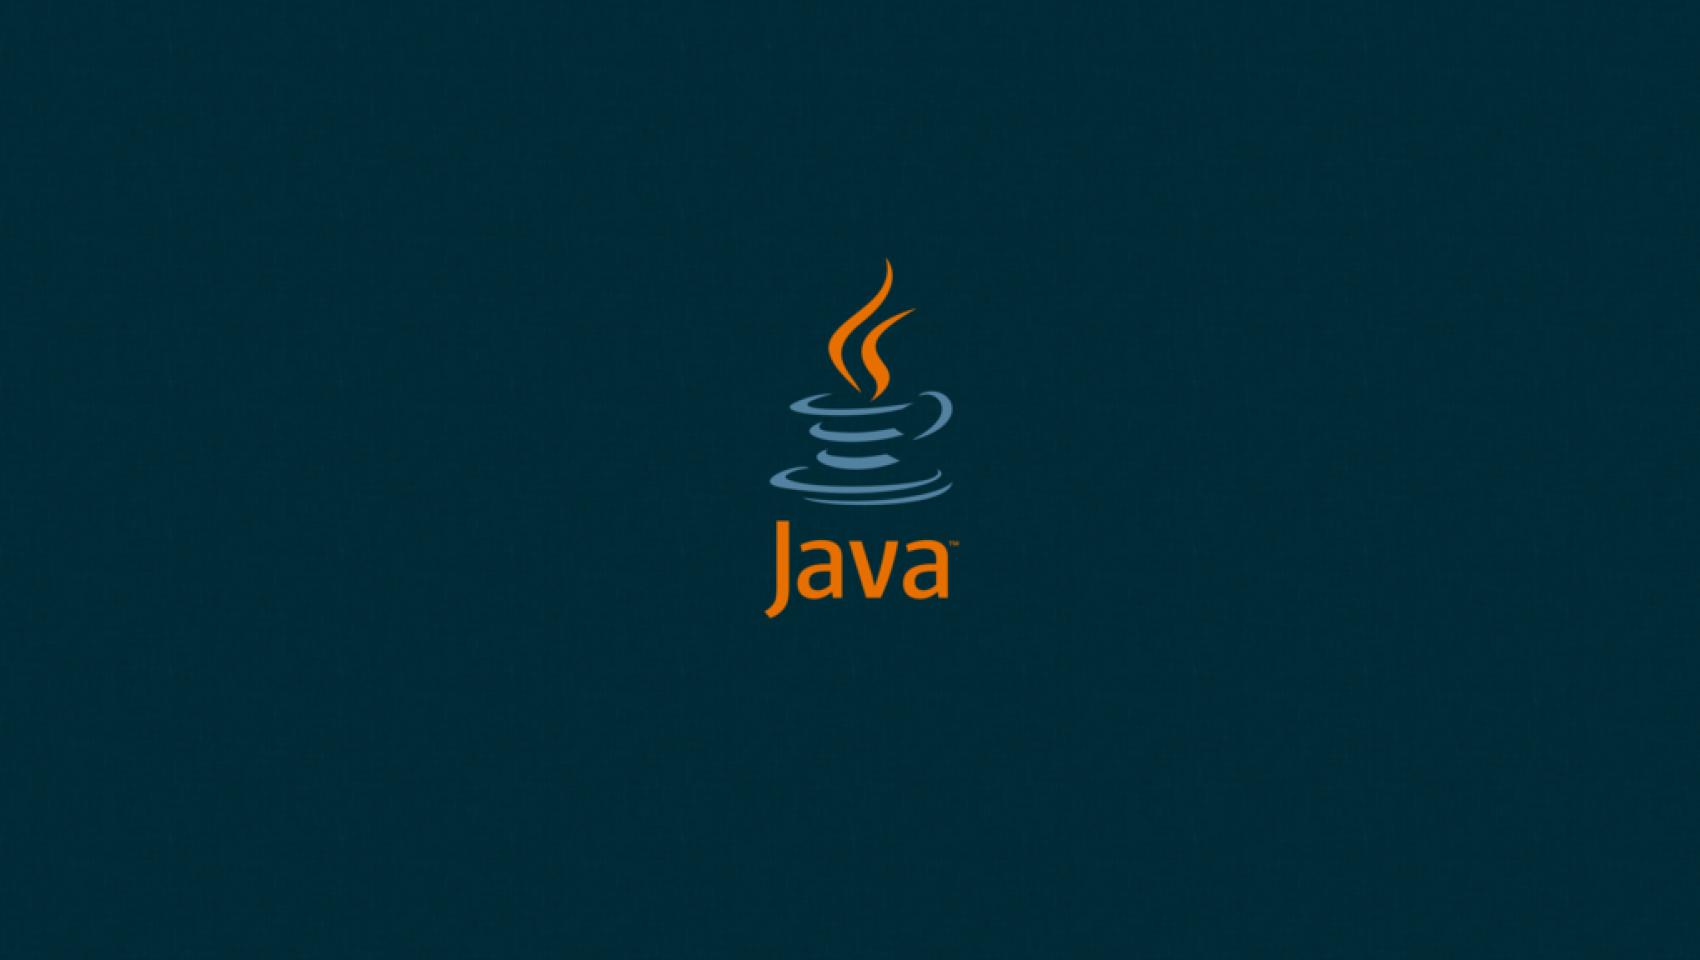 Java программирование. Что нужно знать для начала и какие программы скачать?